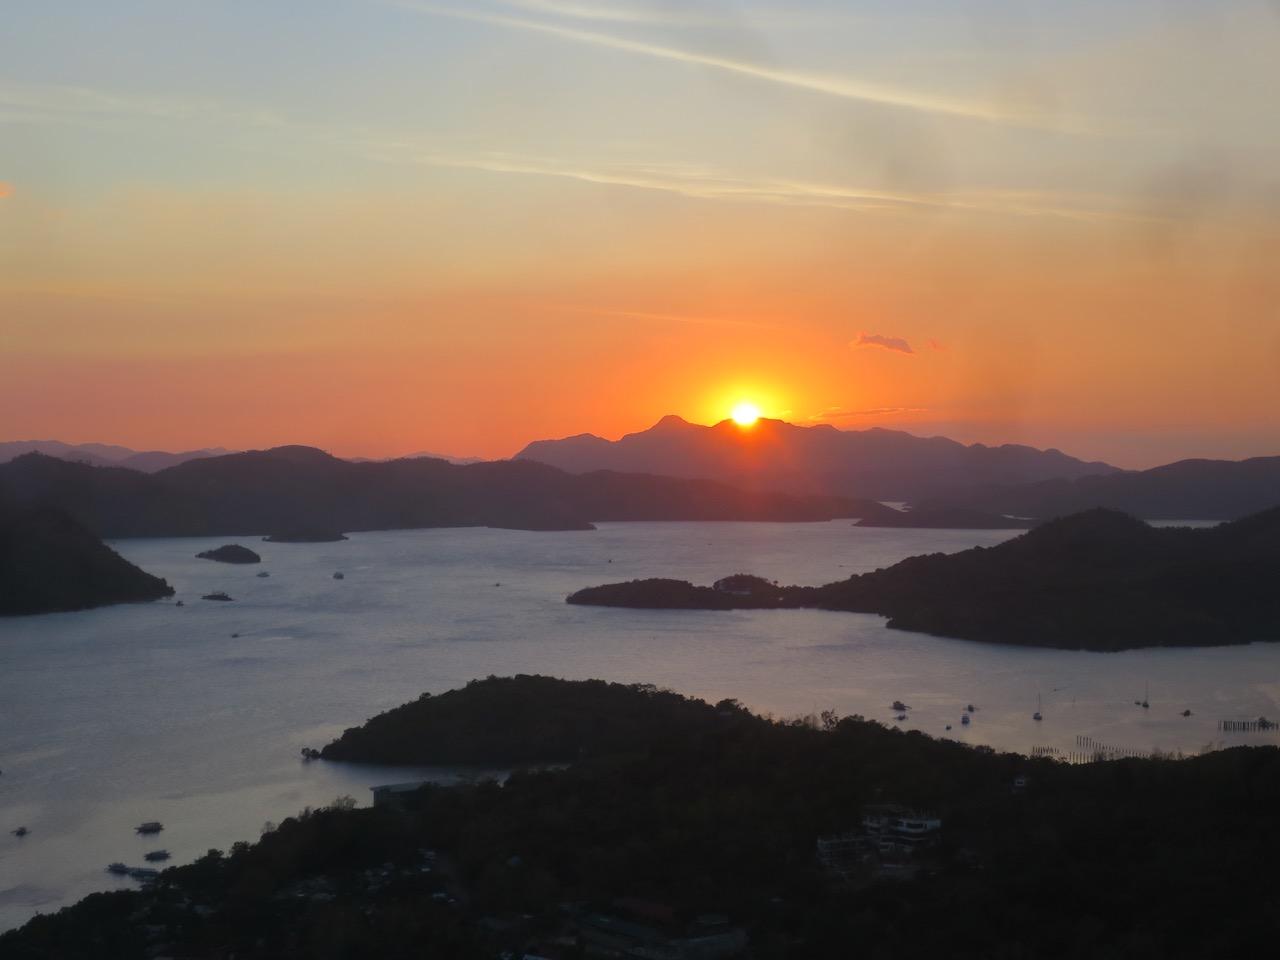 Pôr do sol em Coron, Filipinas